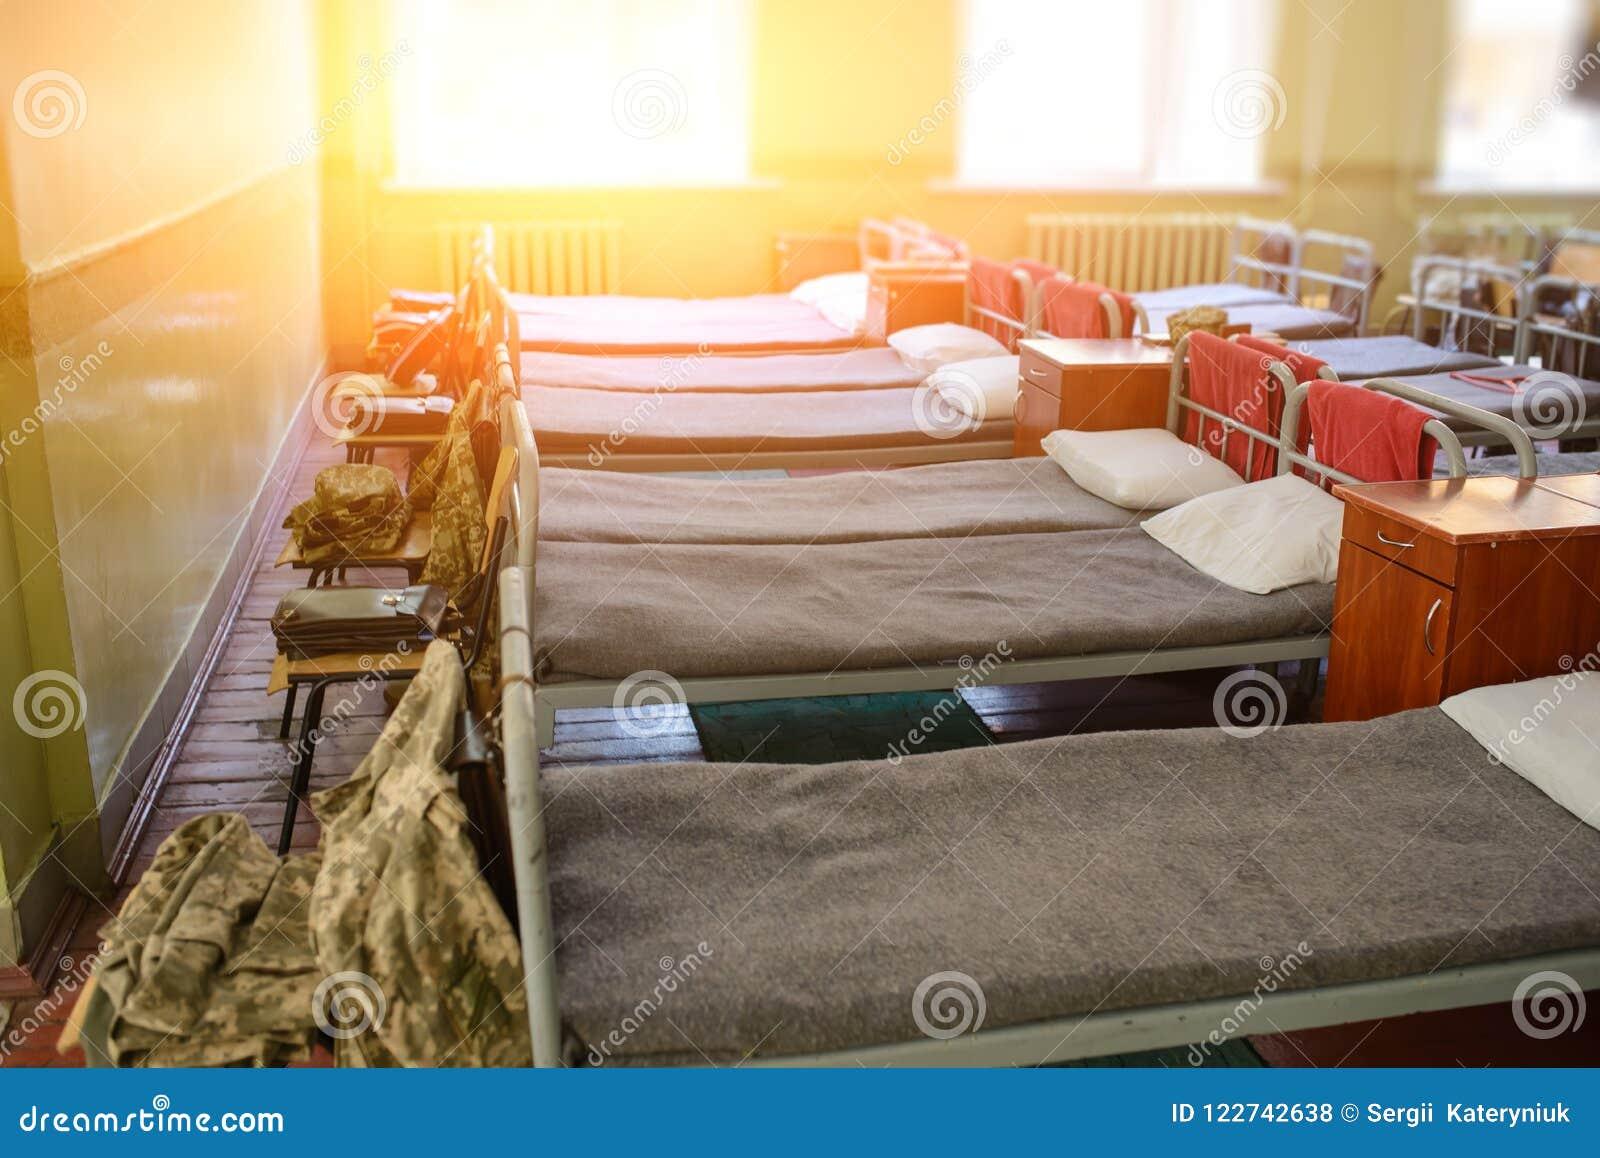 много кроватей в воинских казармах Украины